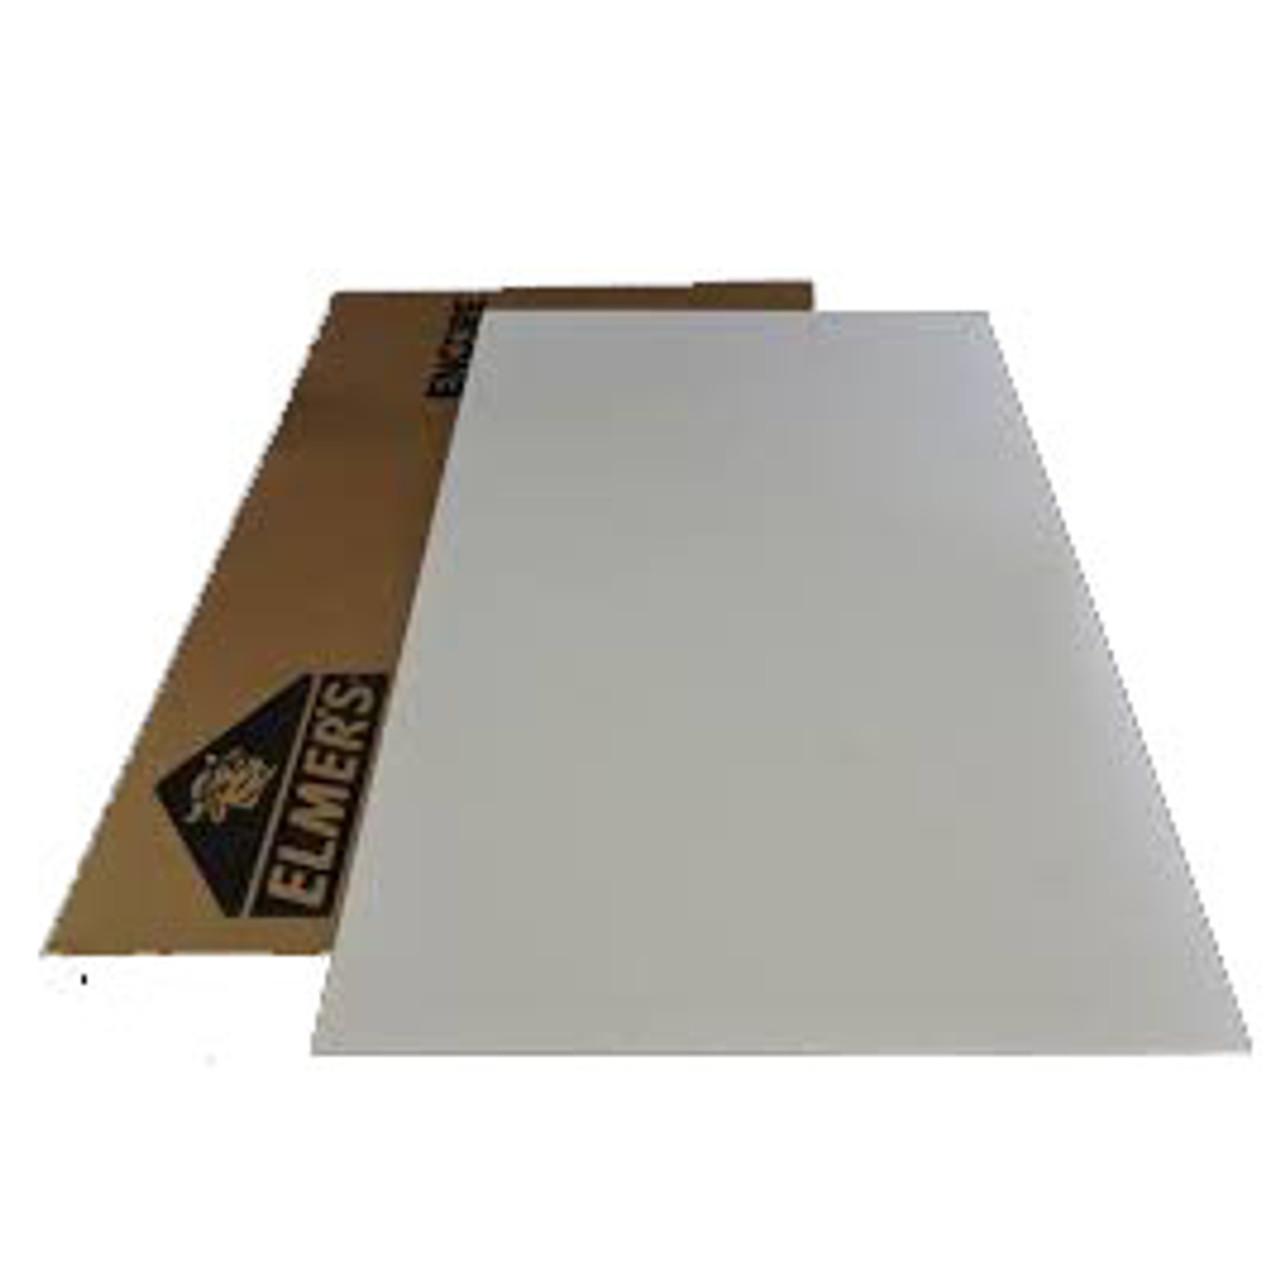 Elmer's Foam Board White 3/16in x 24in x 36in